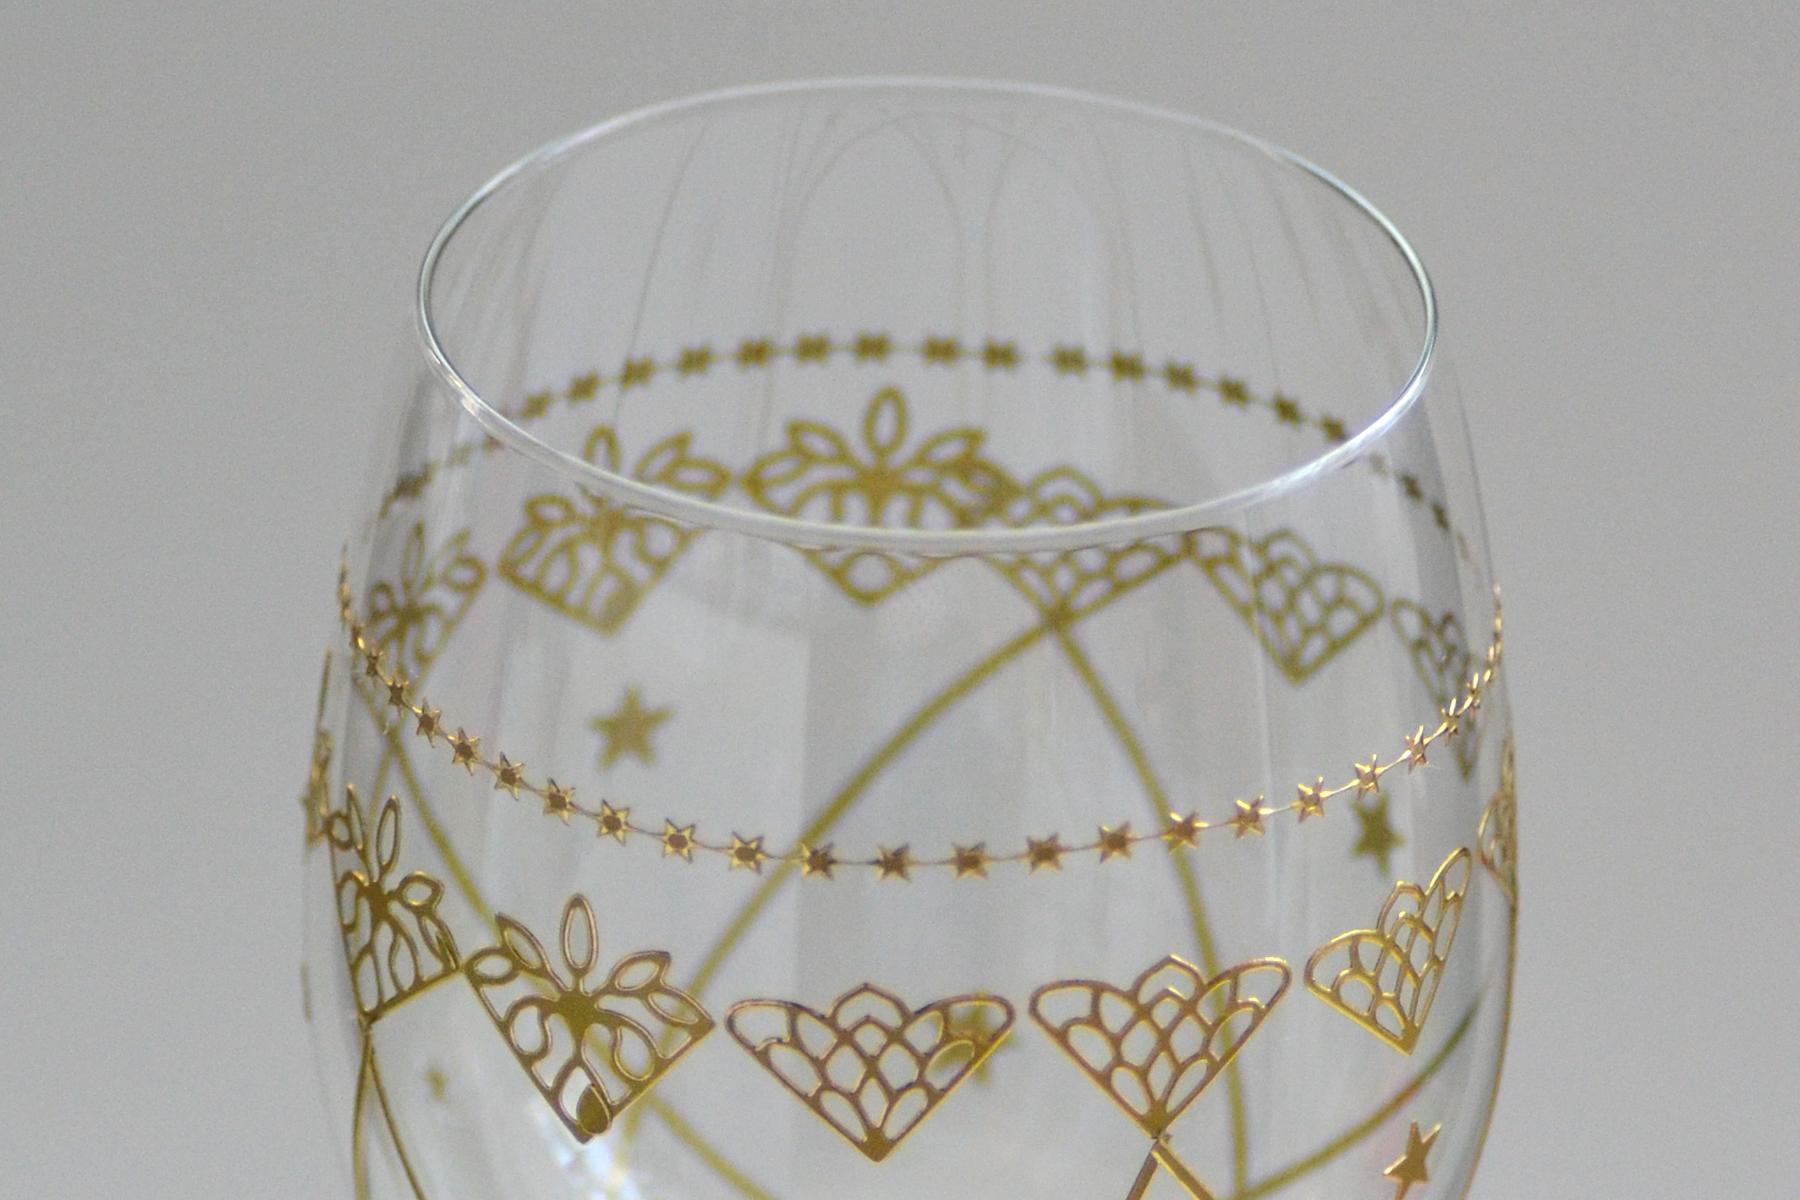 Varianta design pahar